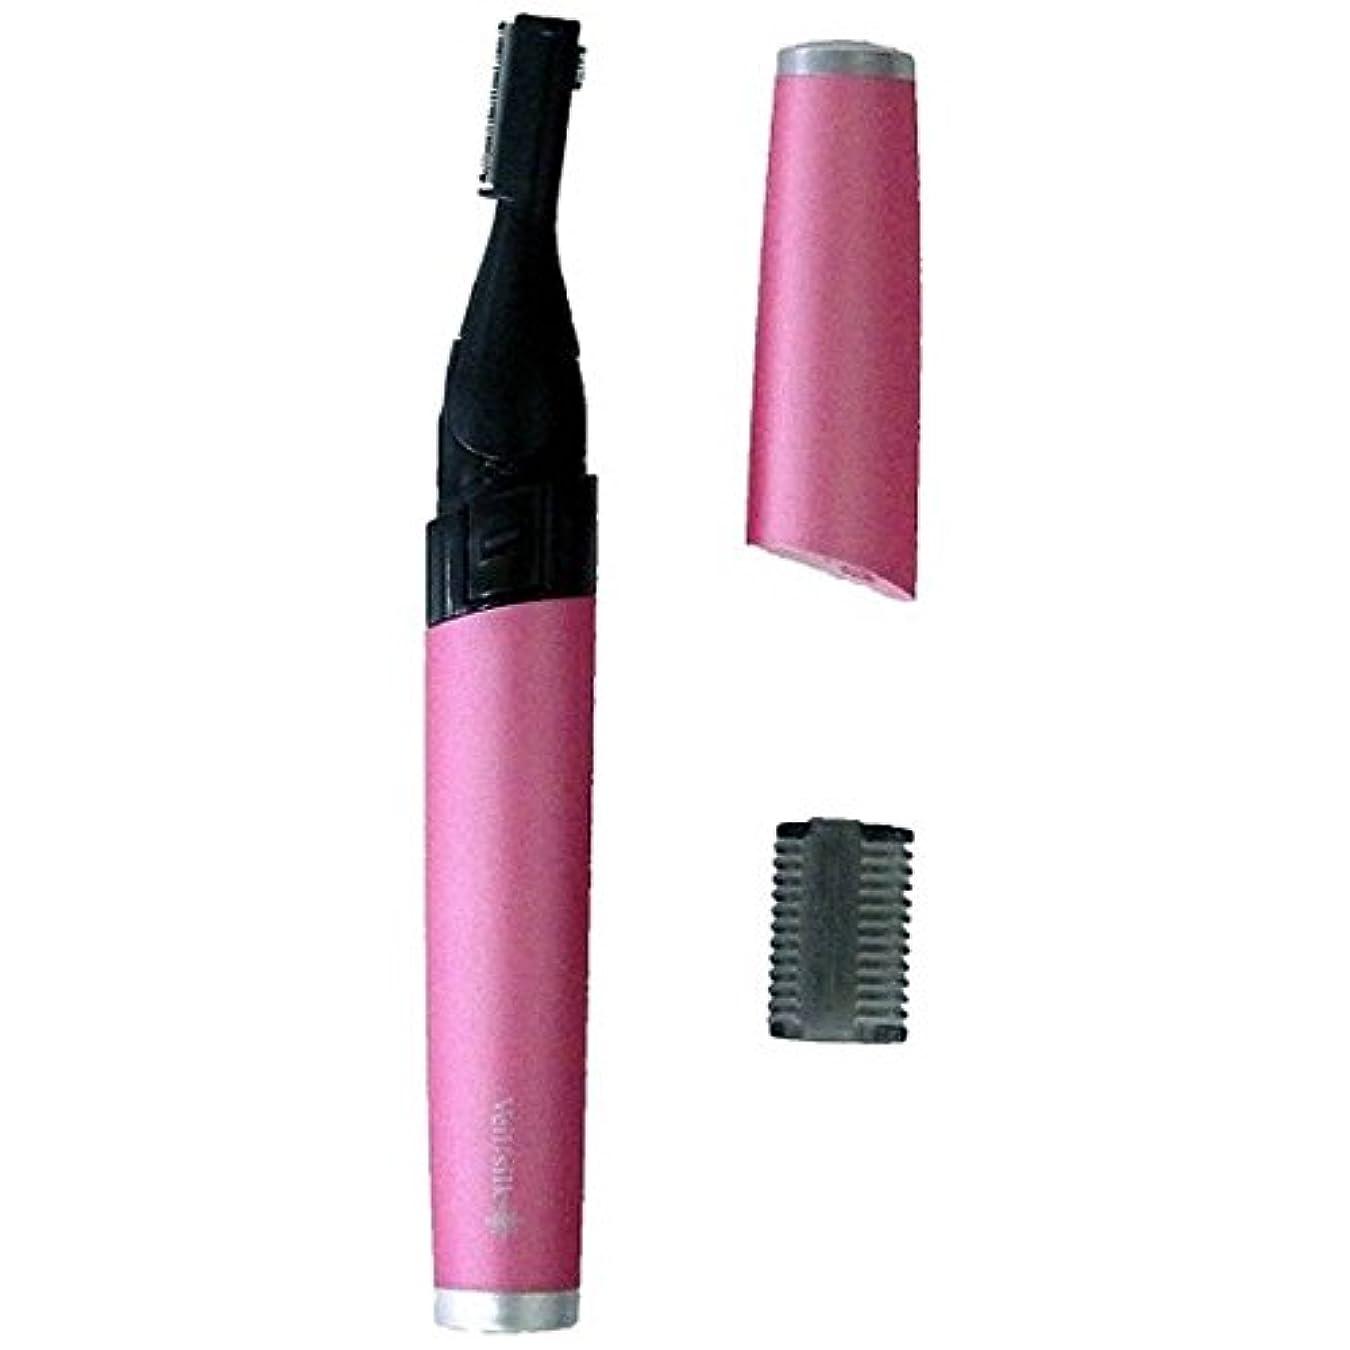 イズミ フェイスシェーバー (ピンク)IZUMI Veil:silk(ヴェルシルク) GR-AF127-P